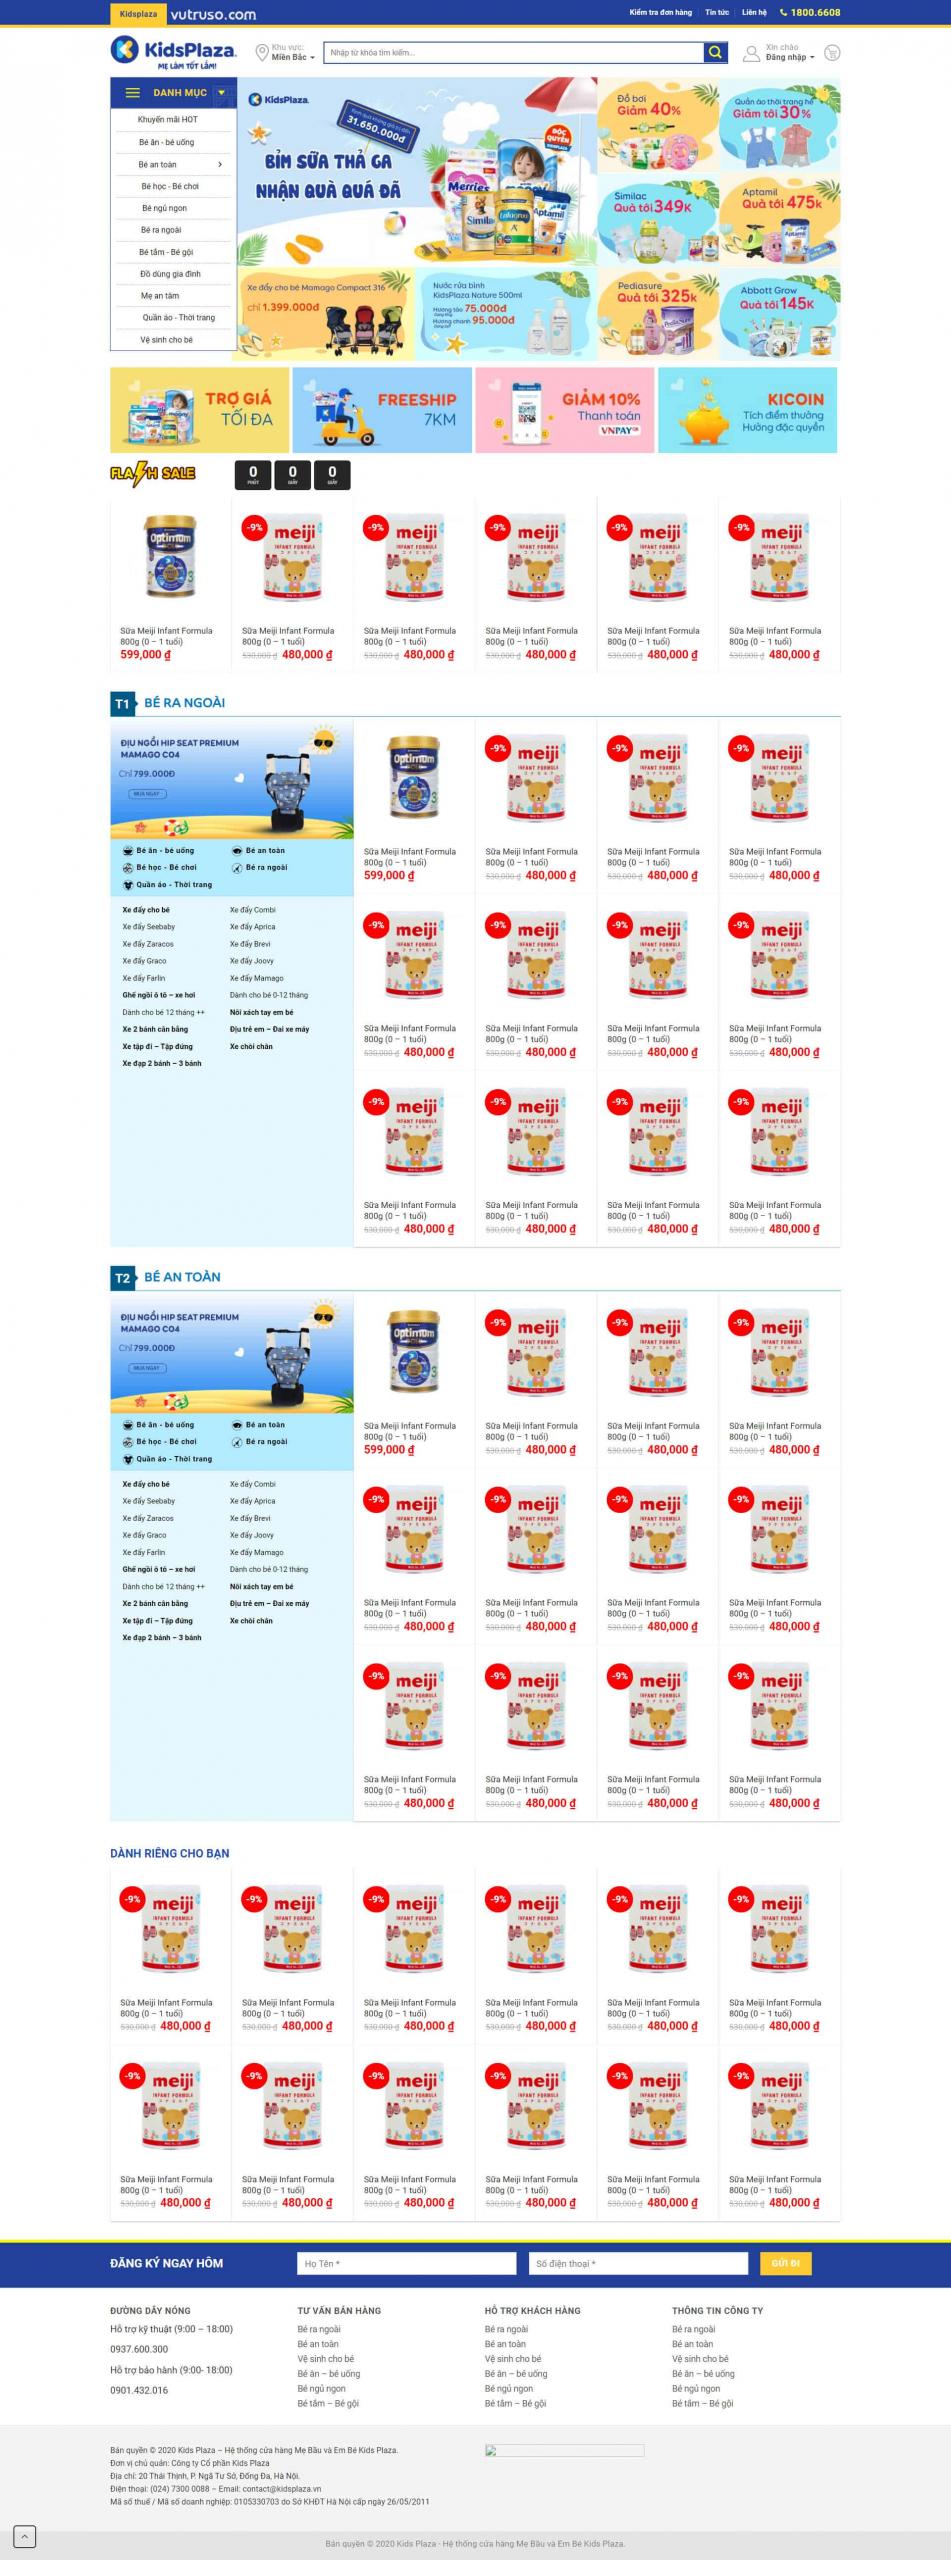 Mẫu web bán hàng đẹp từ Flatsome – Kidsplaza